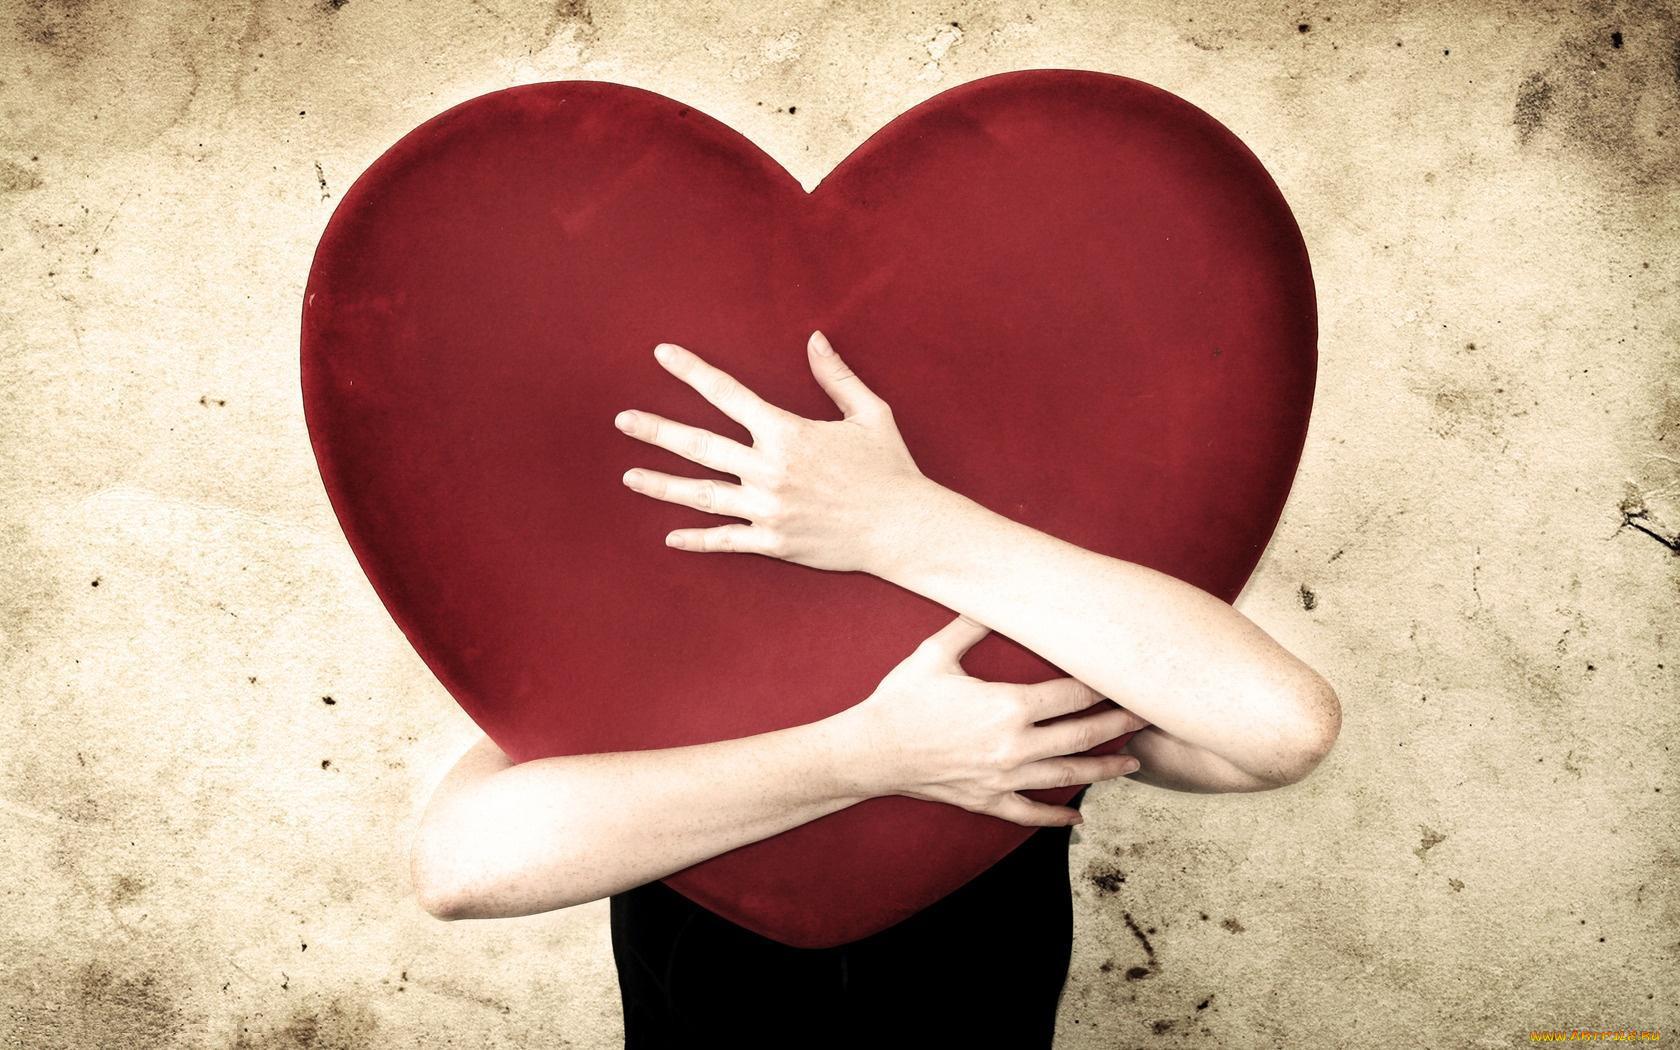 Картинки касаясь сердца